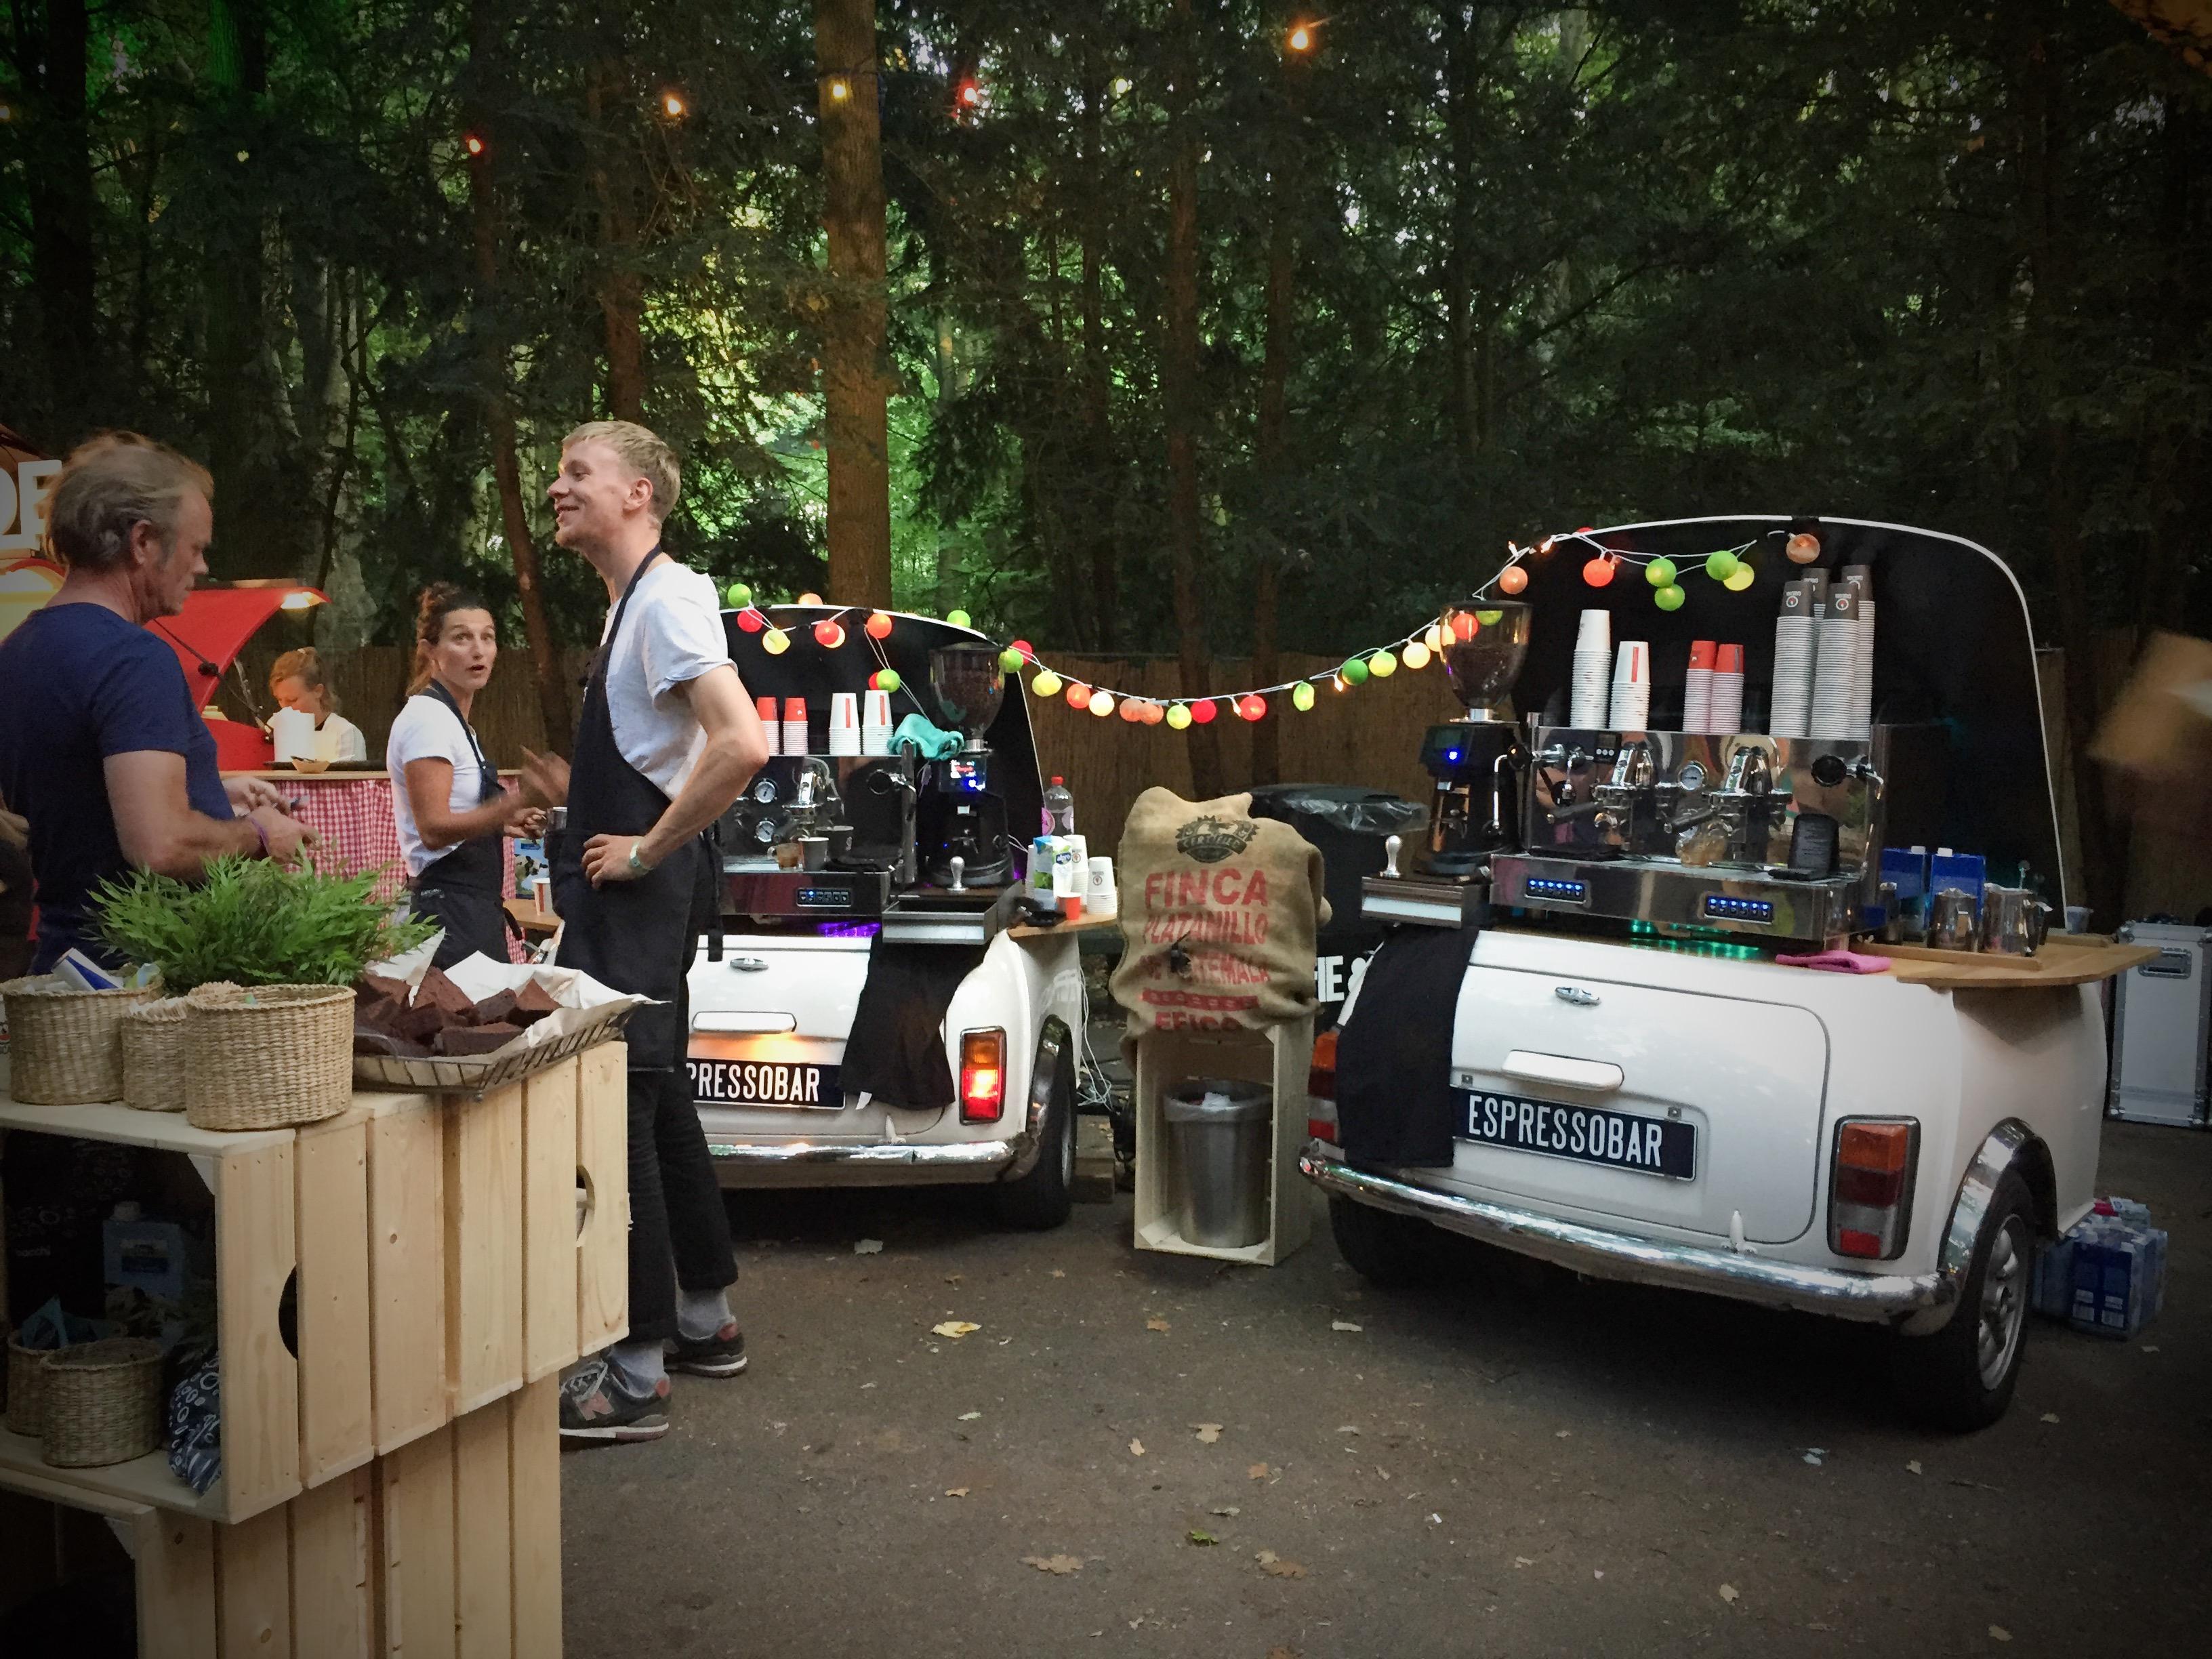 Een tweetal espressobars met een barista op een festival